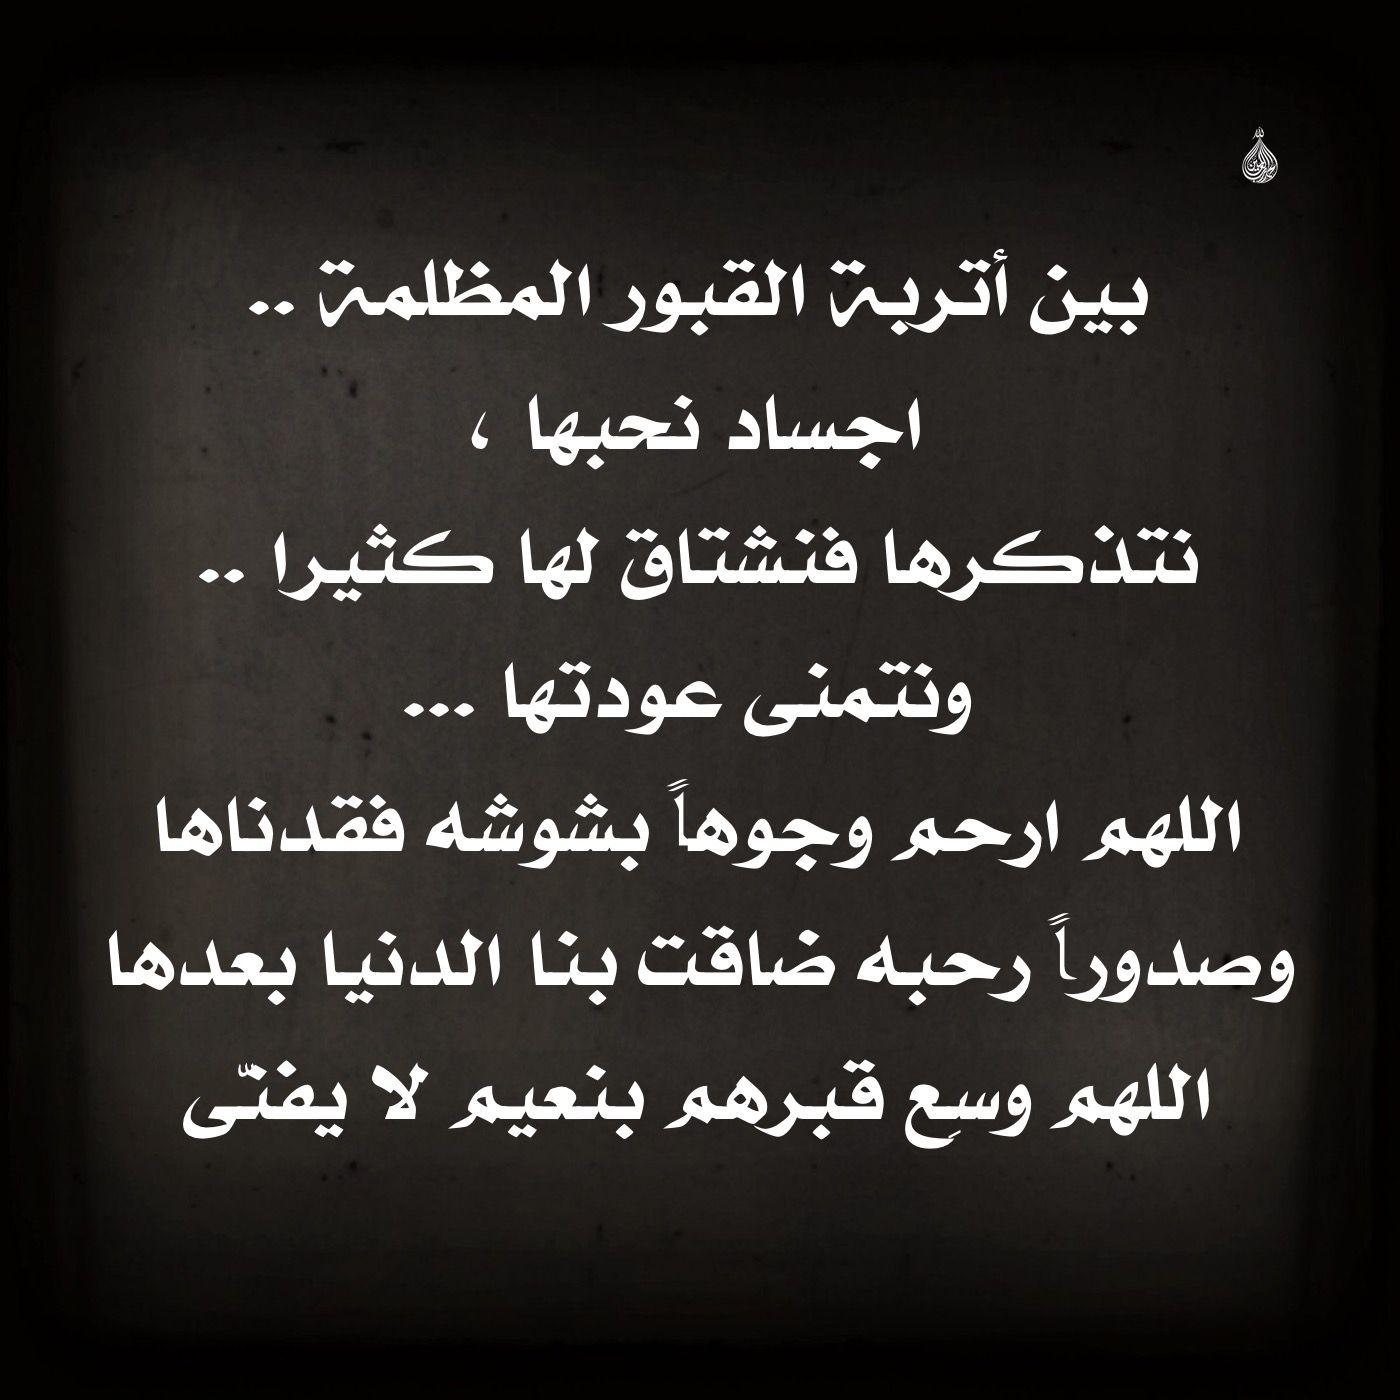 أدعيةإسلاميه أذكار دعاء صورإسلامية الله الله اكبر استغفرالله مسلم قرأن ذكر إسلاميات إيمان أدعيةدينية Quran Quotes Inspirational Cool Words Arabic Love Quotes